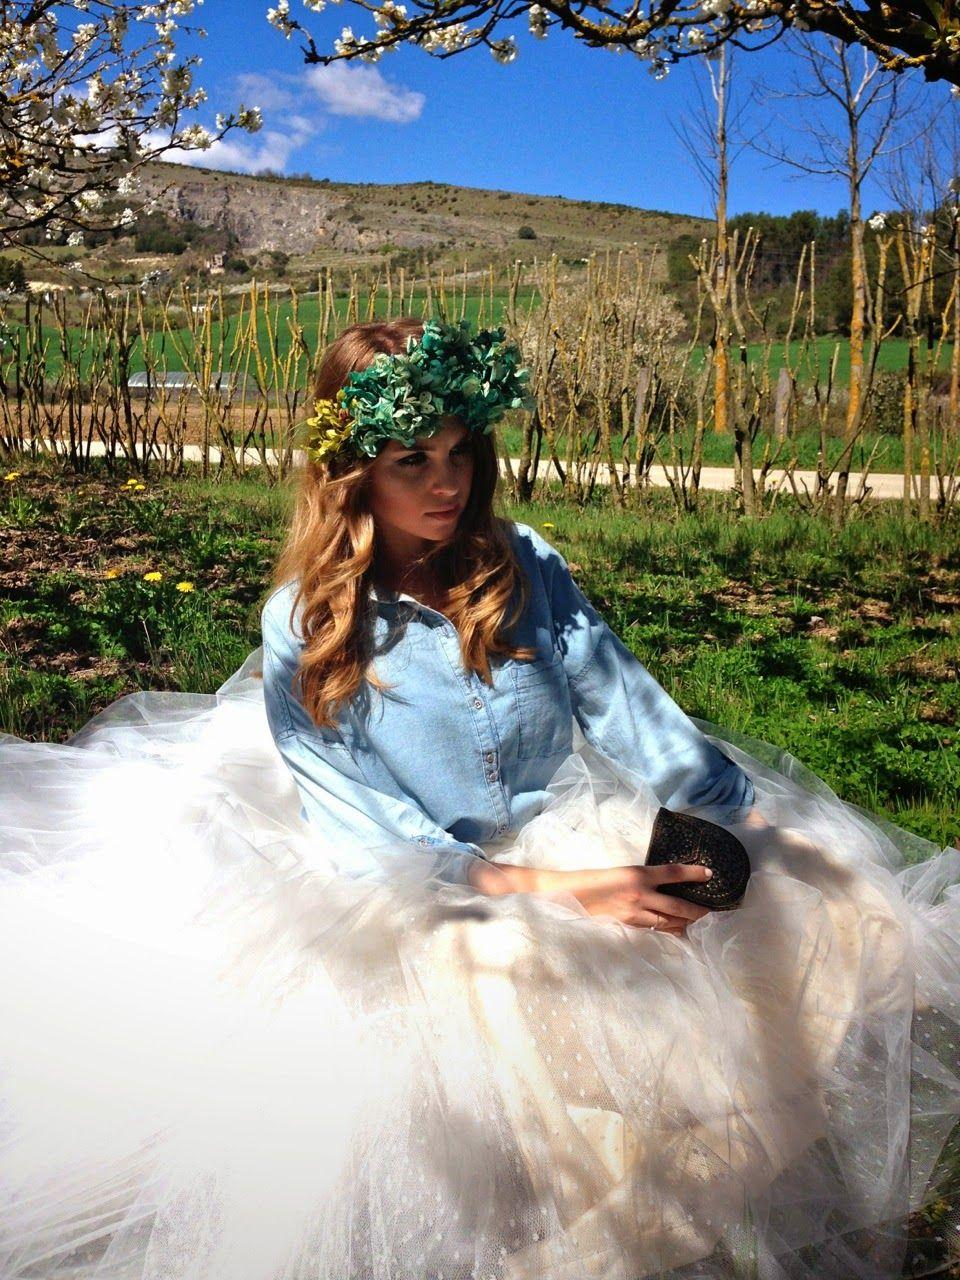 Flores para el look de la novia de adriana tocados http://lawebdeadriana.com/